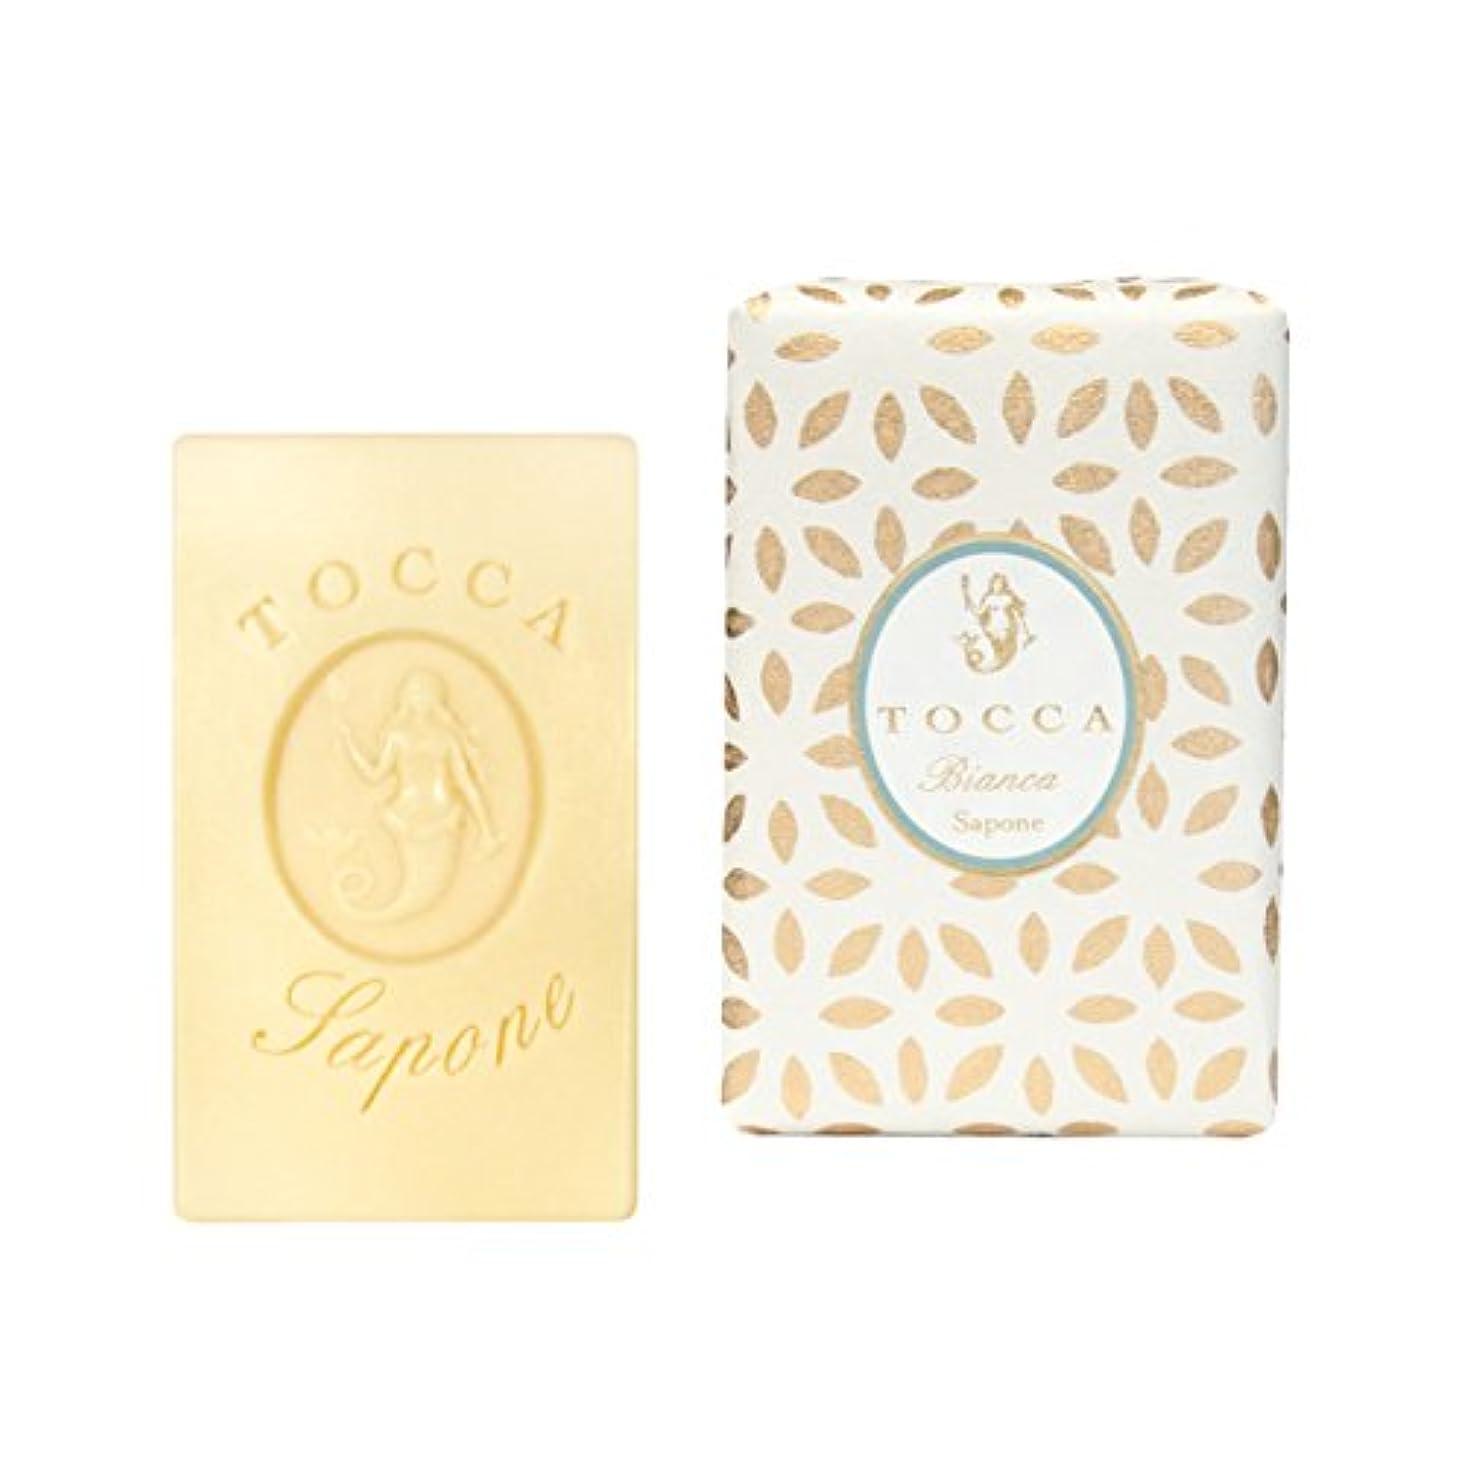 未知の儀式一族トッカ(TOCCA) ソープバー ビアンカの香り 113g(化粧石けん シトラスとグリーンティー、ローズが絶妙に溶け合ったほのかに甘さ漂うフレッシュな香り)